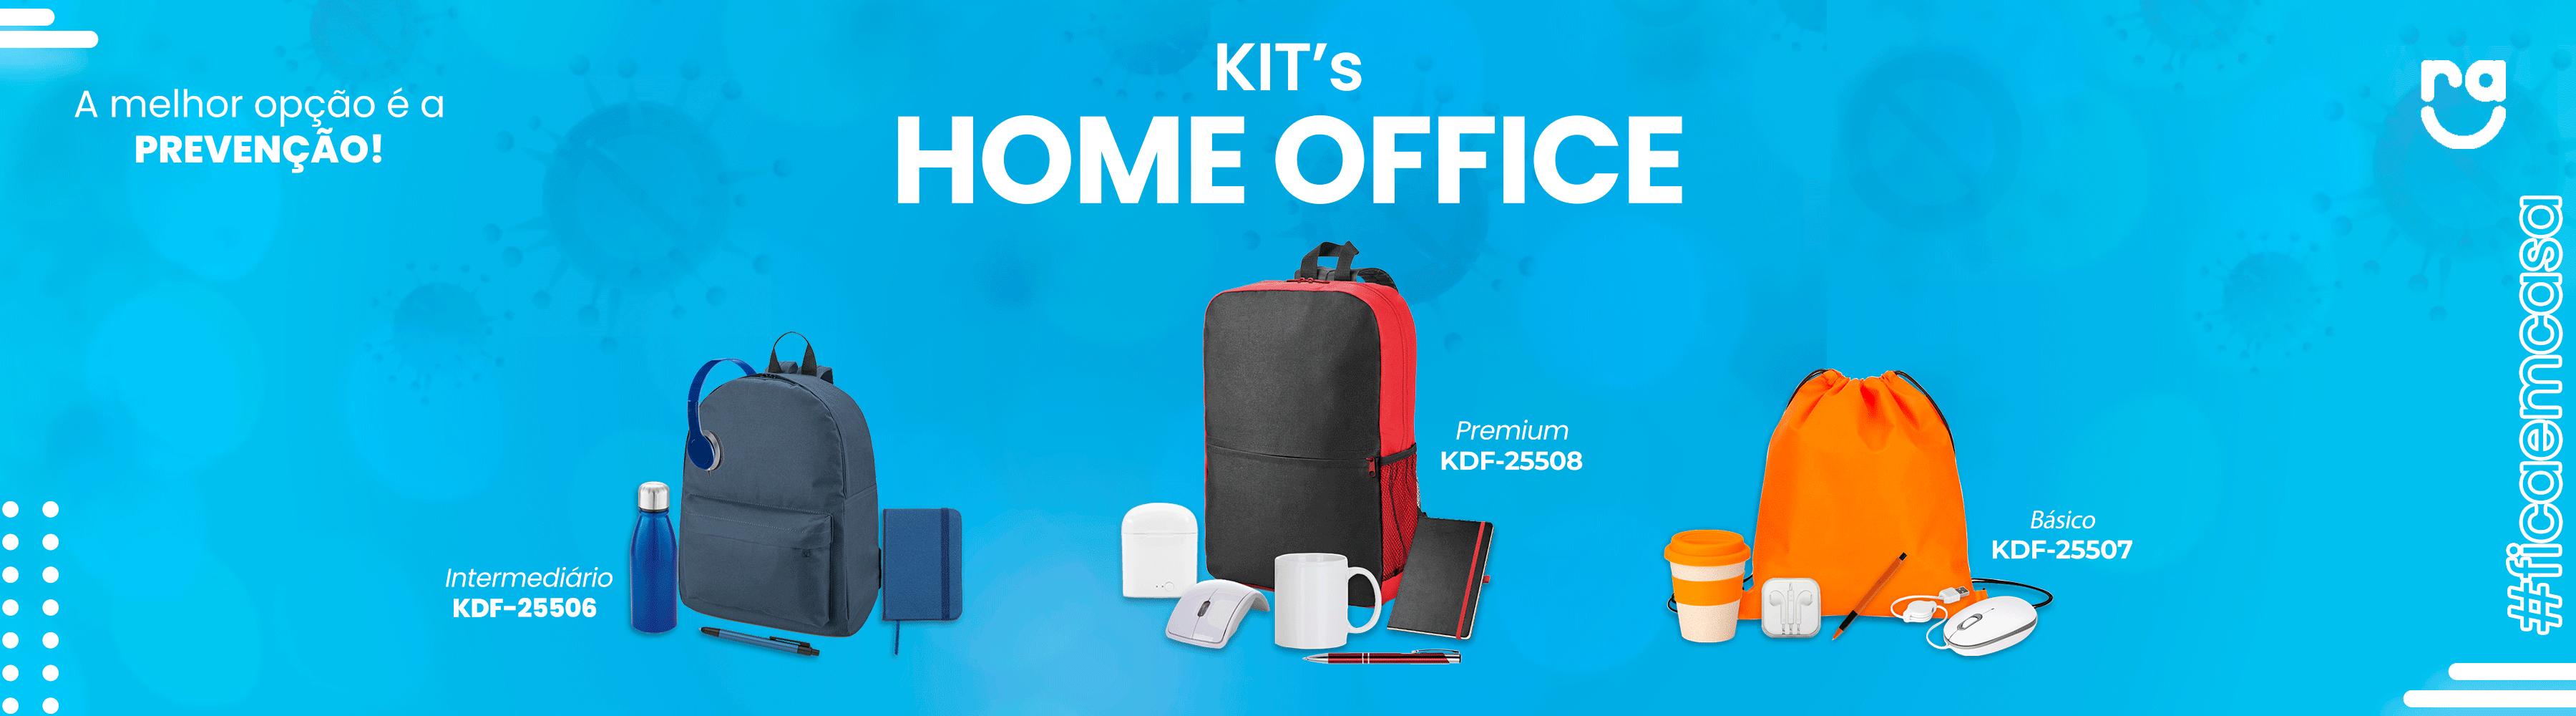 Kit's Home Office